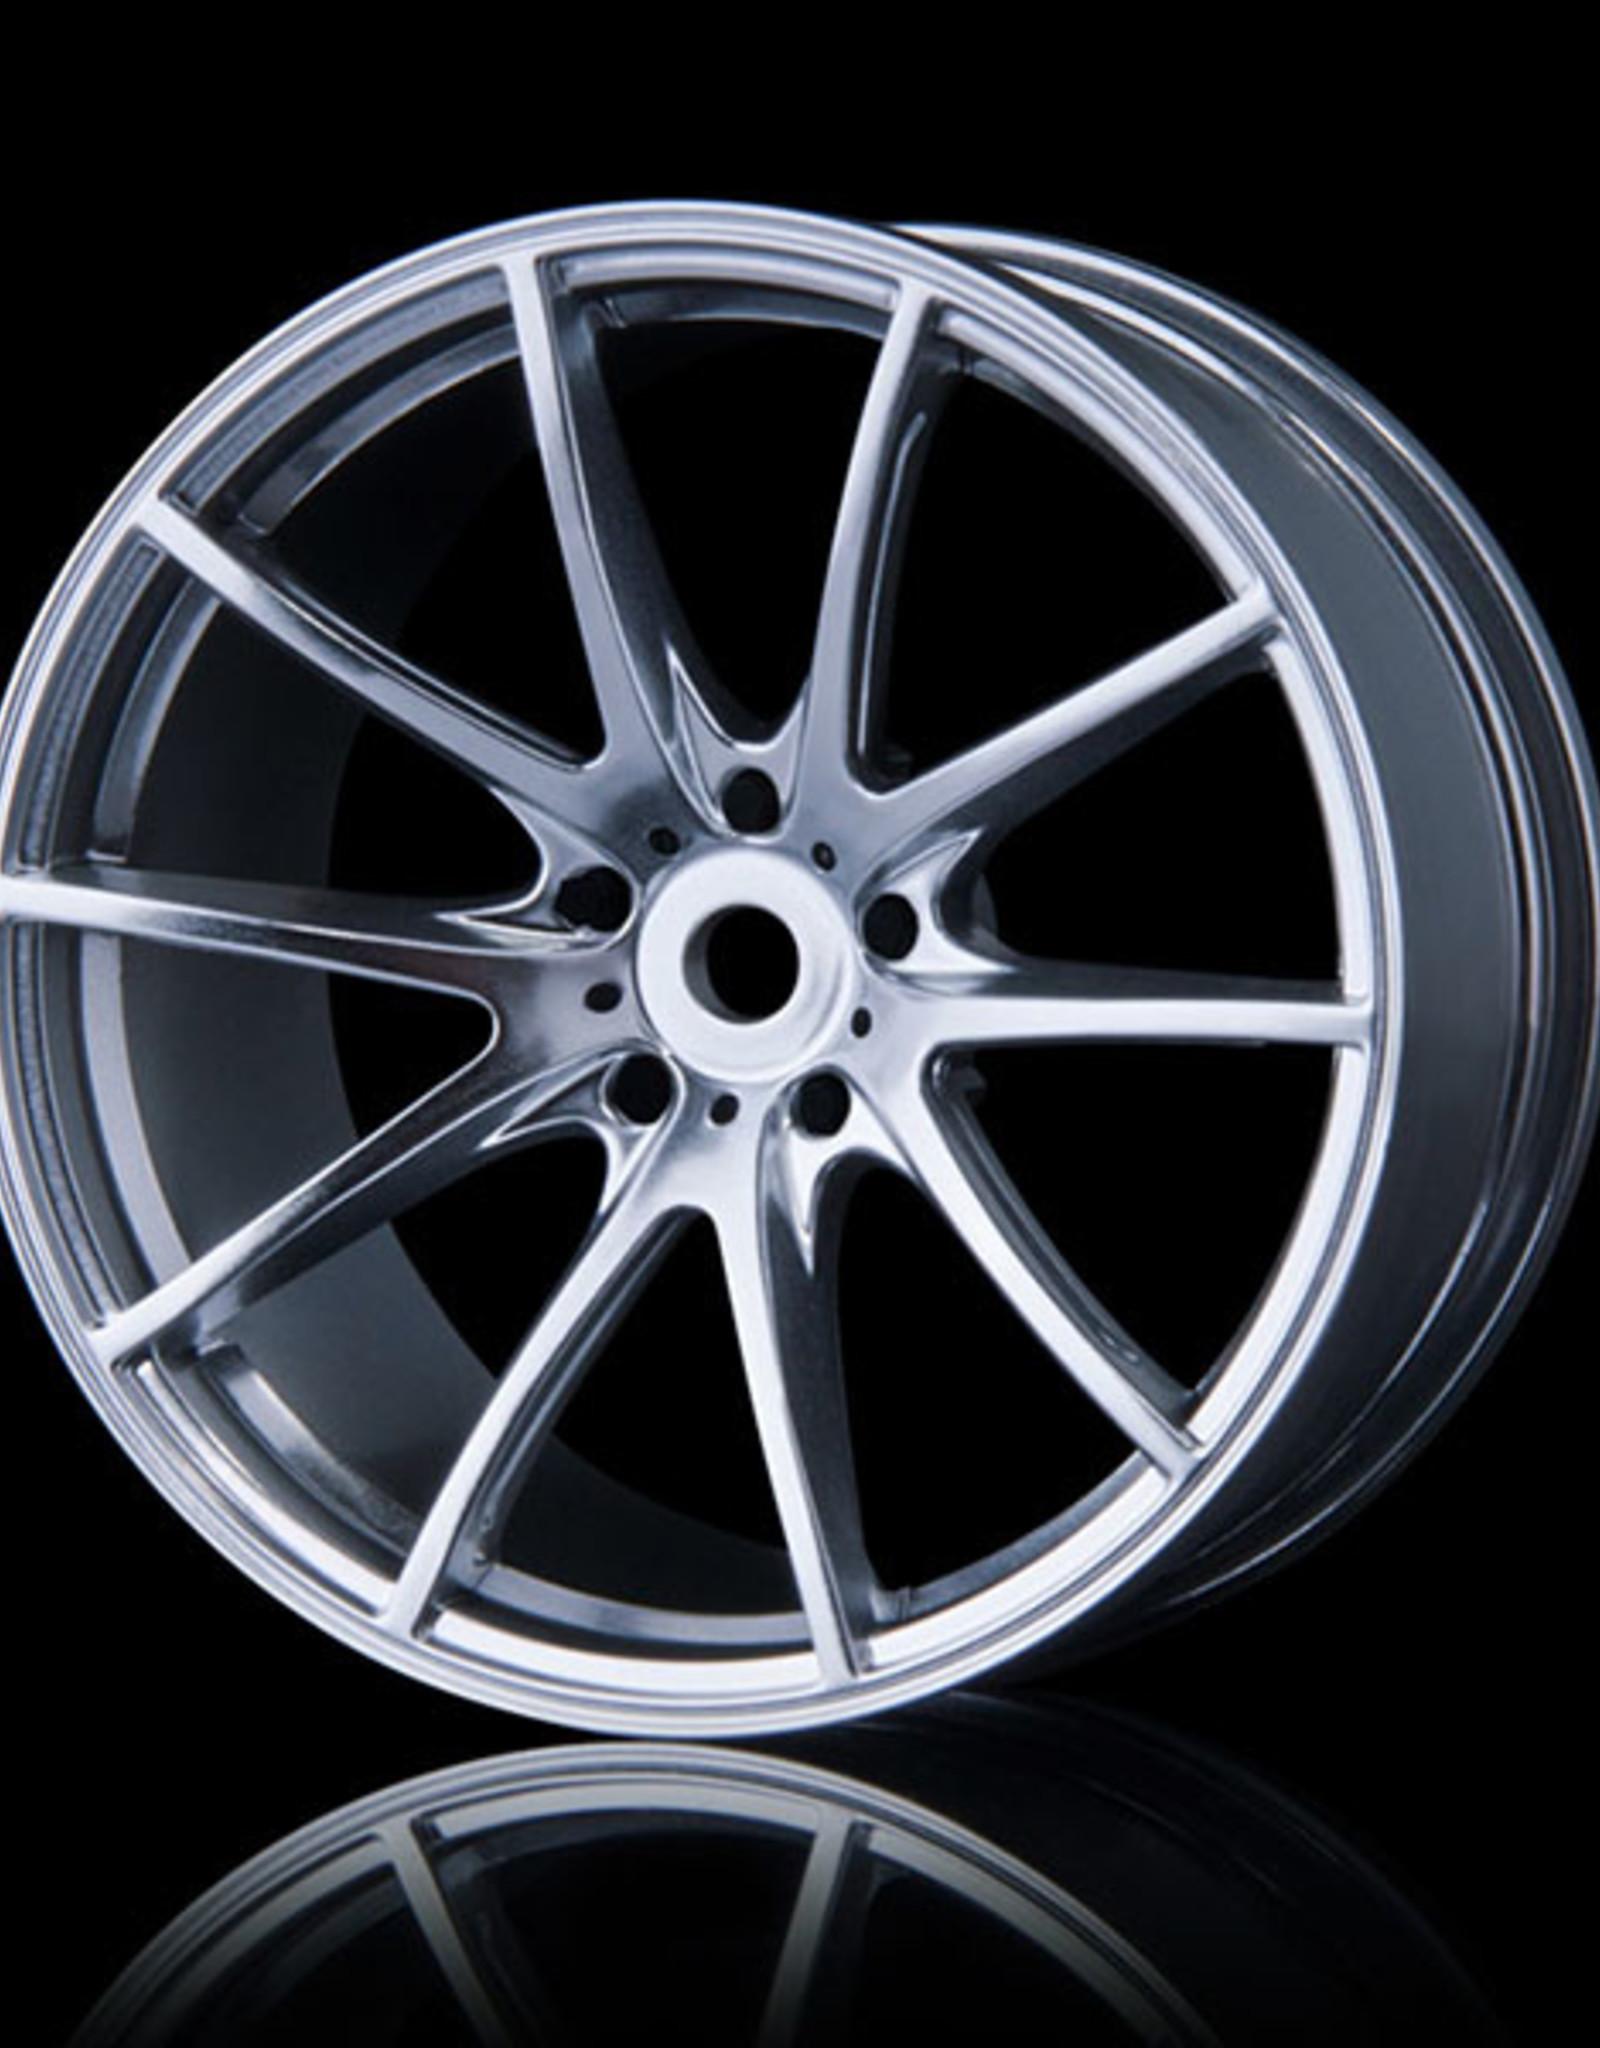 MST G25 Wheel (4) by MST Flat Silver 3mm